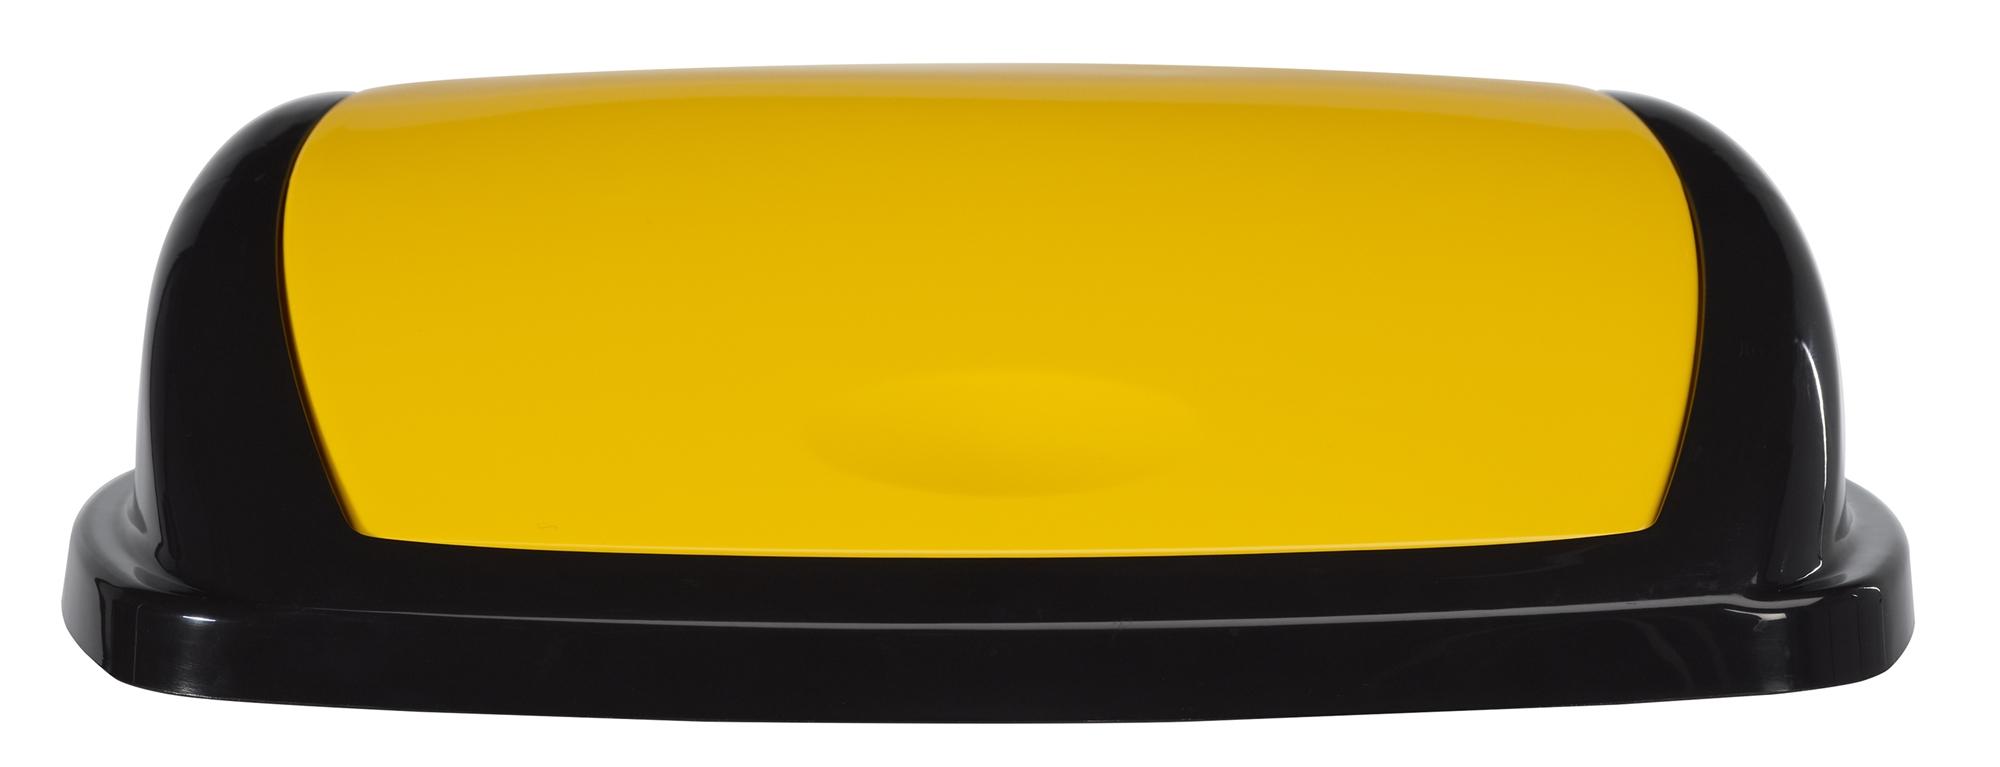 Couvercle jaune pour poubelle 50l rossignol baska - Poubelle cuisine jaune ...